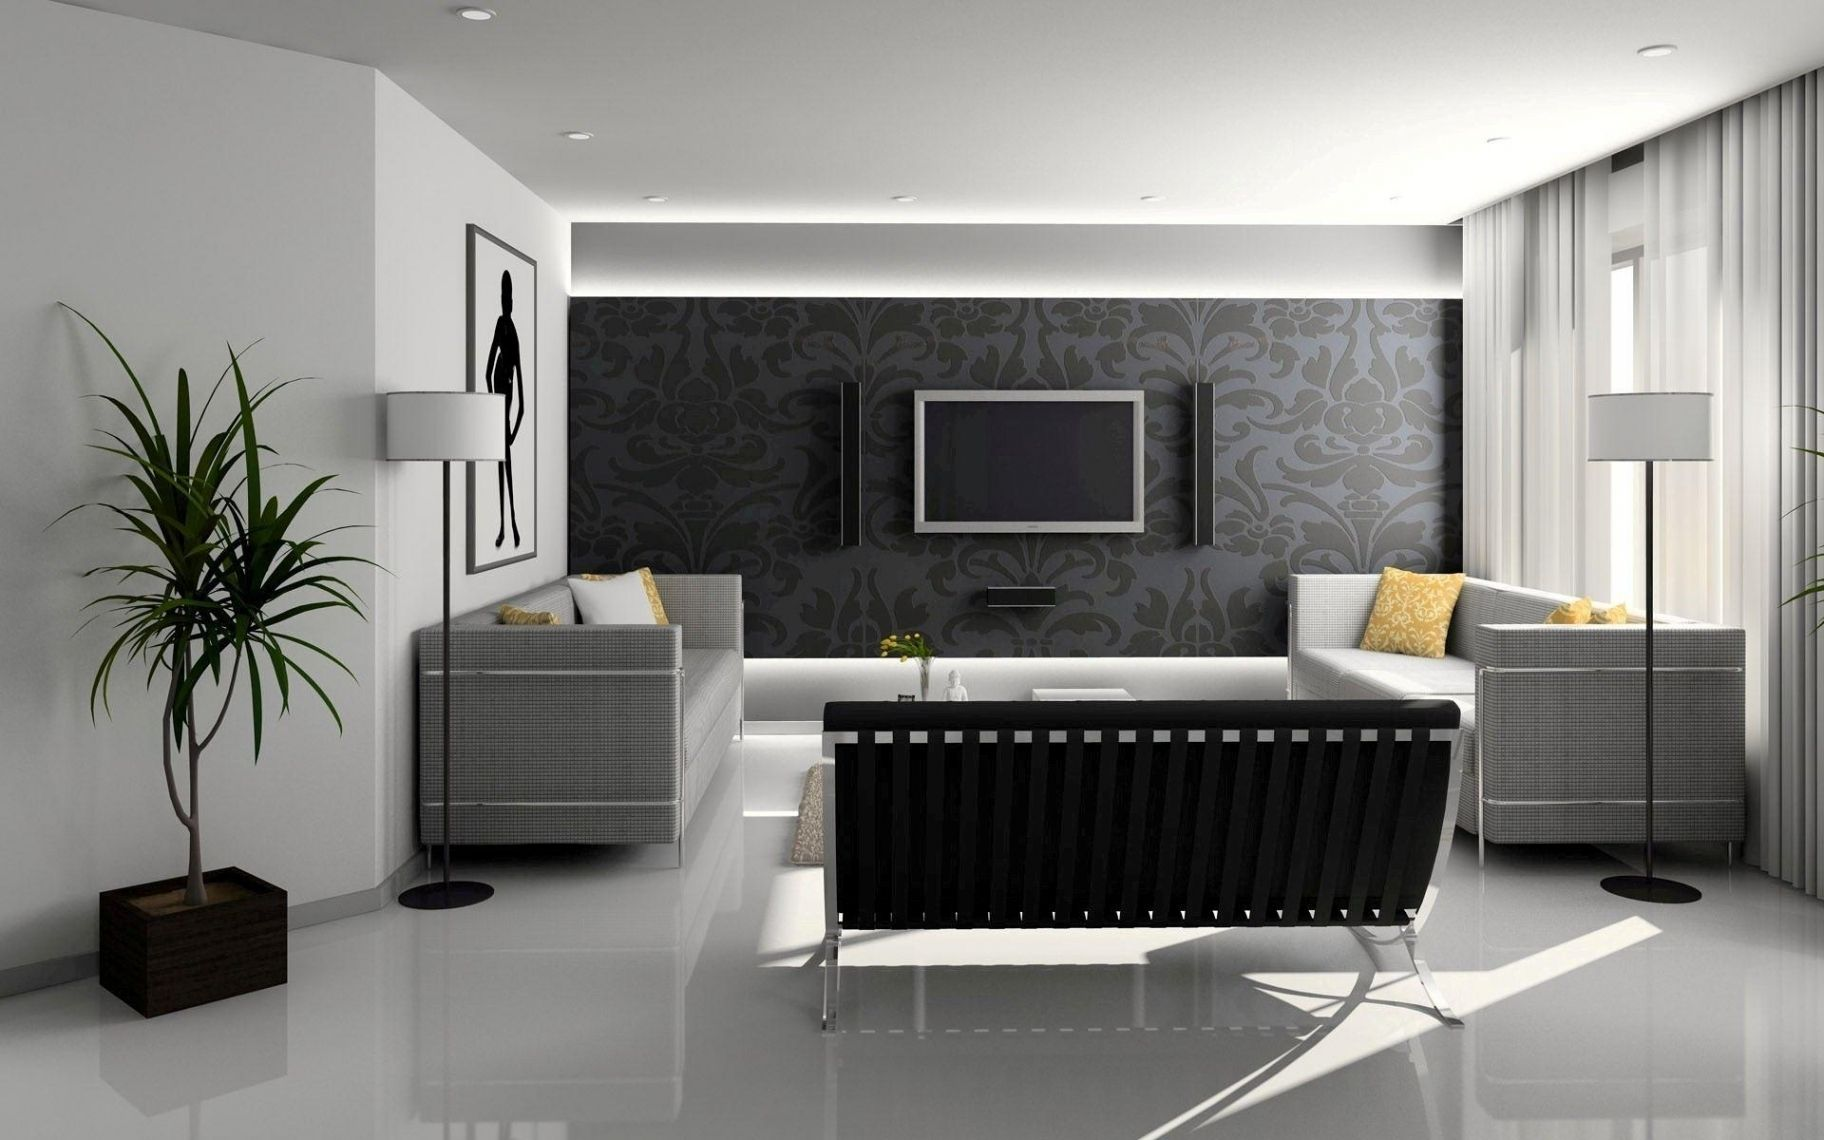 Wohnzimmer Schwarz ~ 262 best wohnzimmer ideen images on pinterest living room ideas